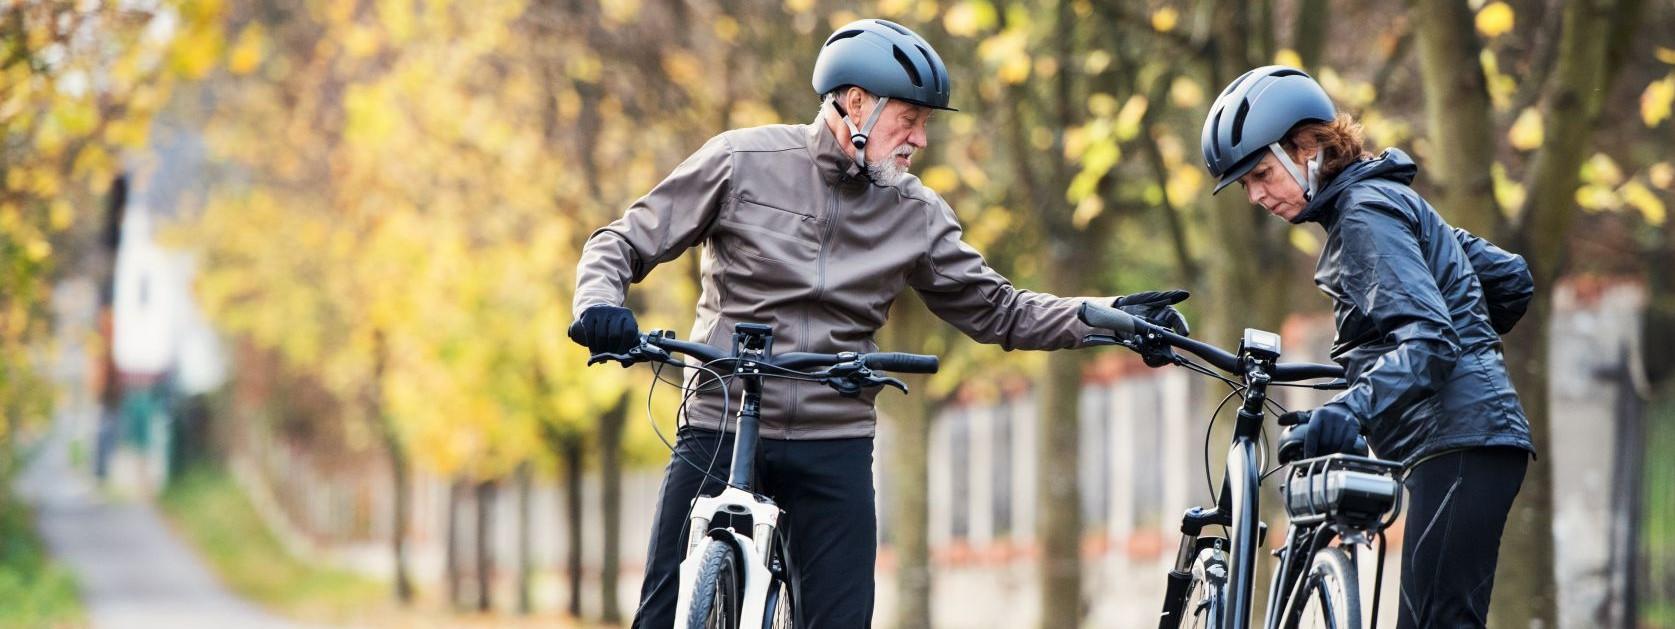 Ein etwa 60 jähriges Pärchen steht an einer asphaltierten Straße und prüft ihre Fahrräder.